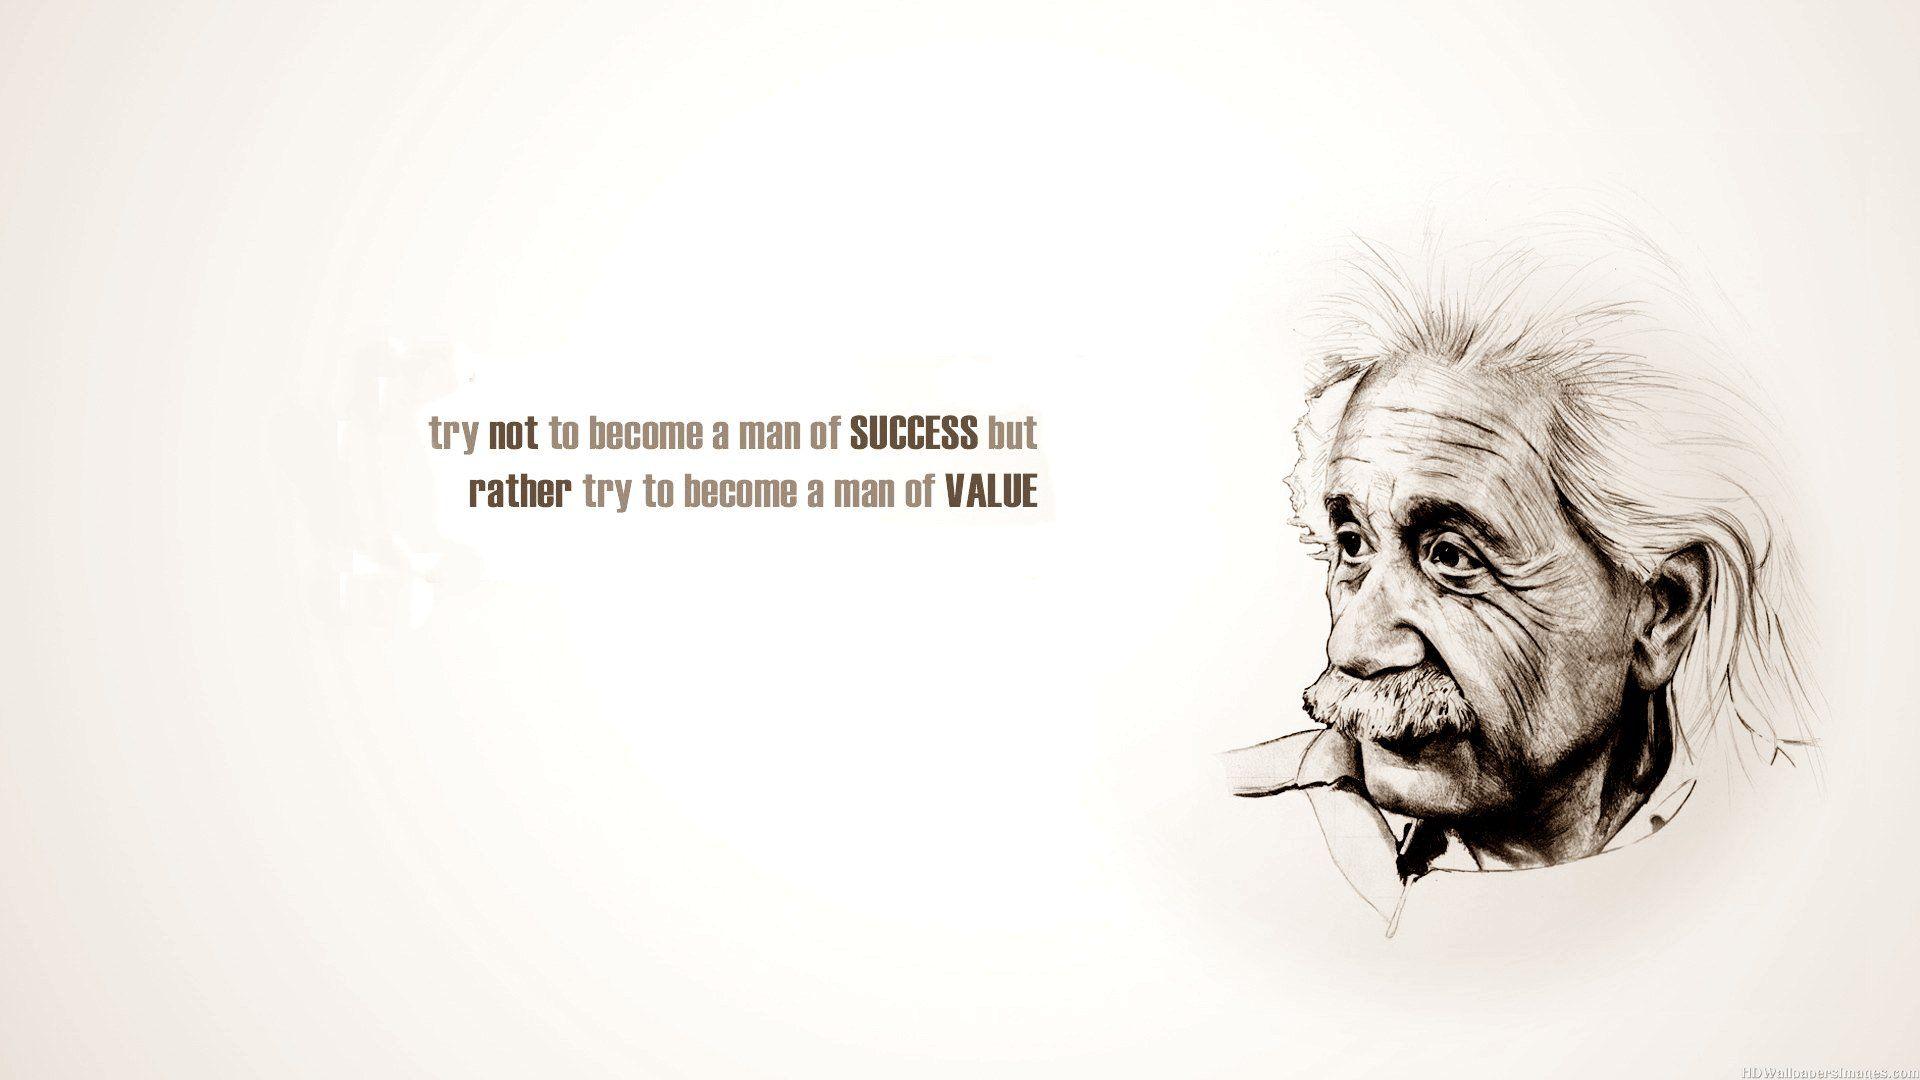 Success Quotes Wallpaper 19213 10111 Wallpaper Cool Wallpaper 1920x1080